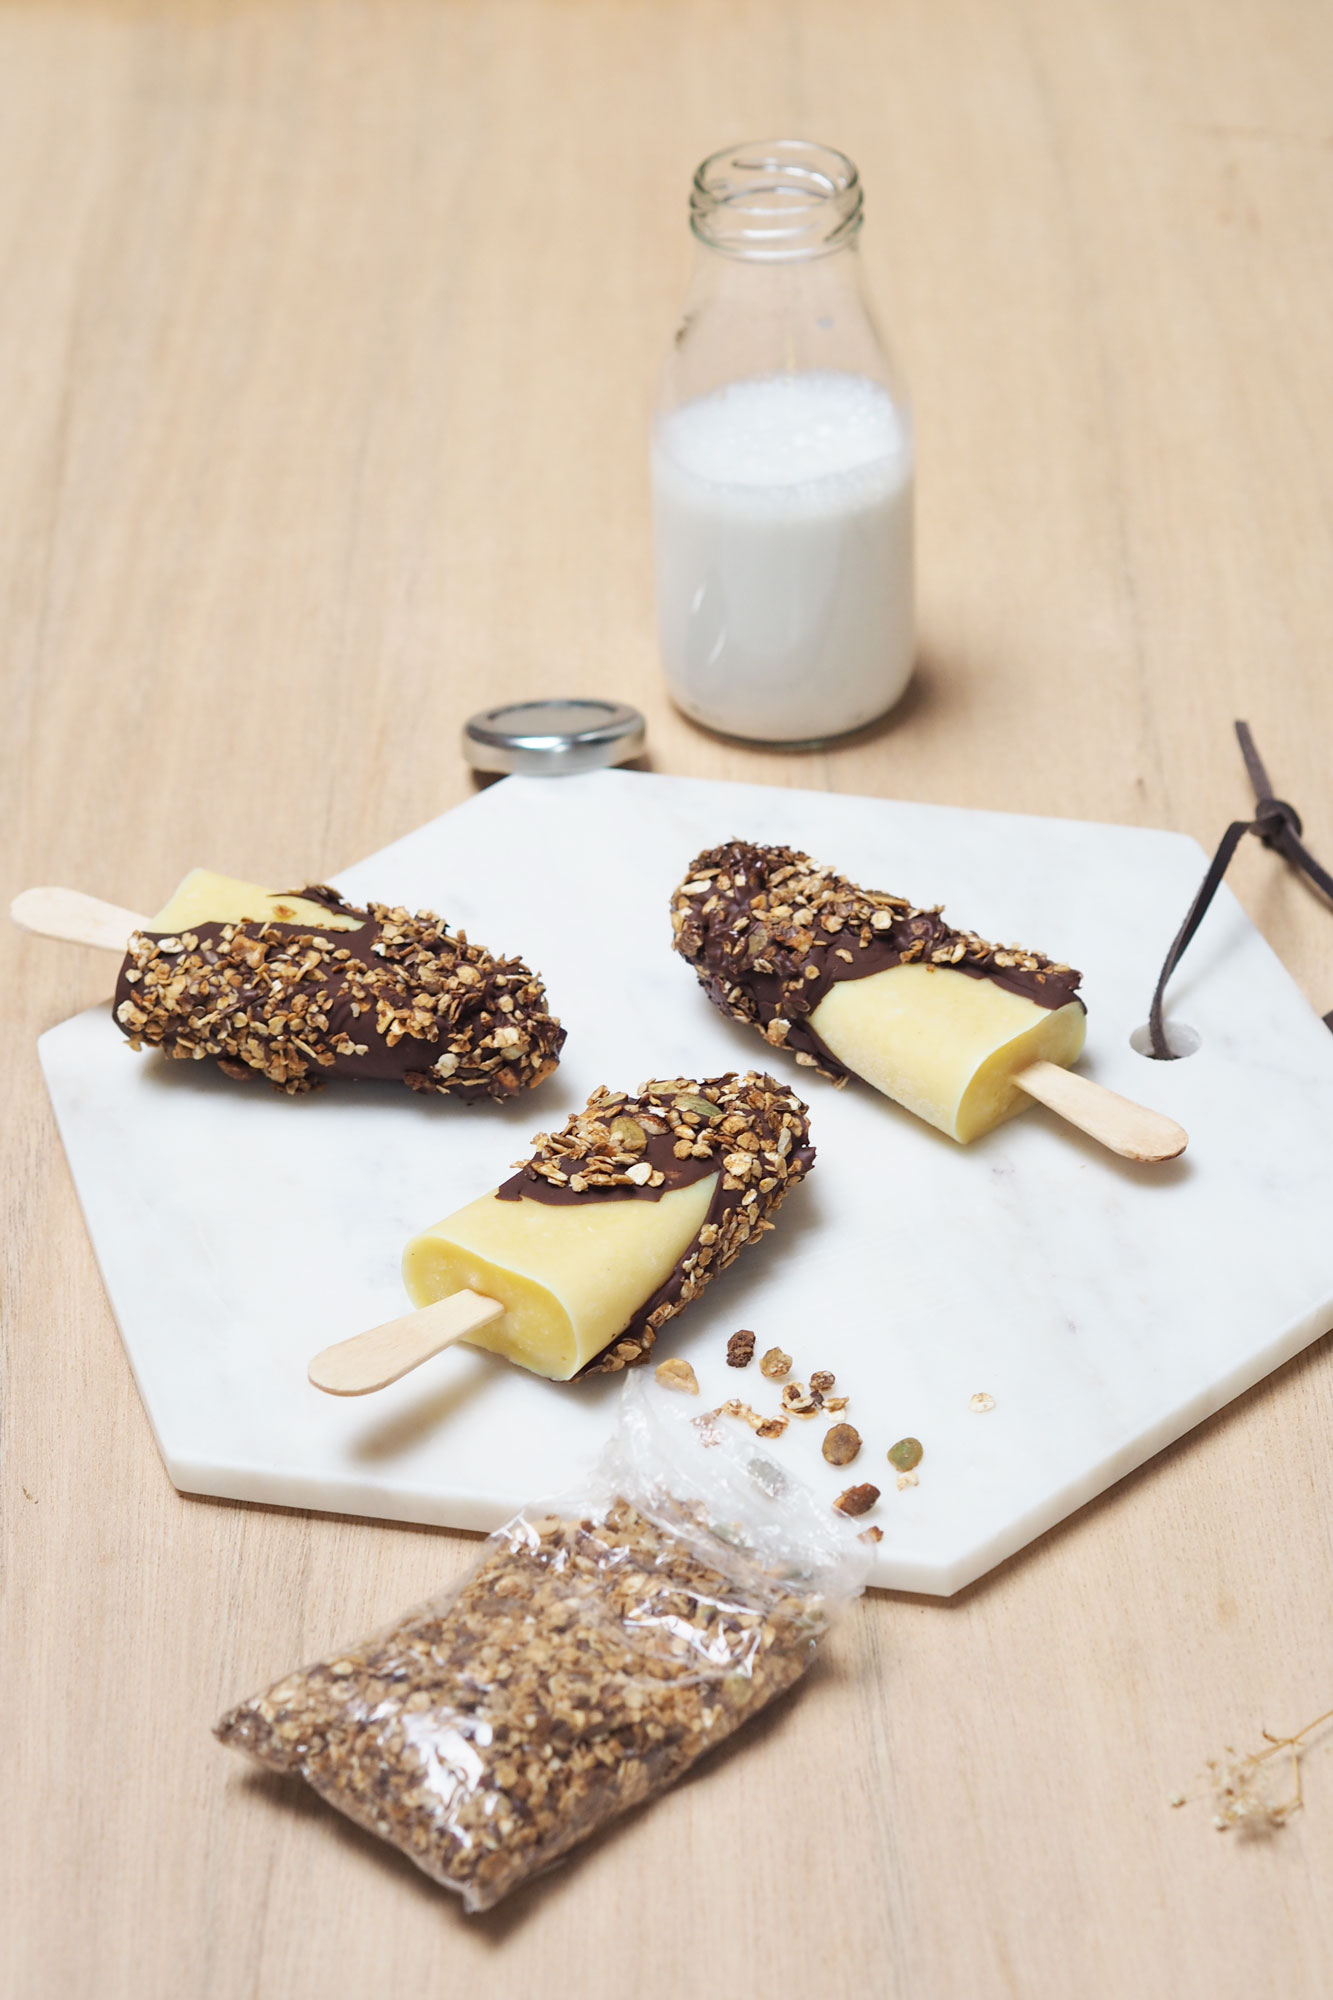 Pospsicle lait d'amande, chocolat noir et granola / Tippy.fr